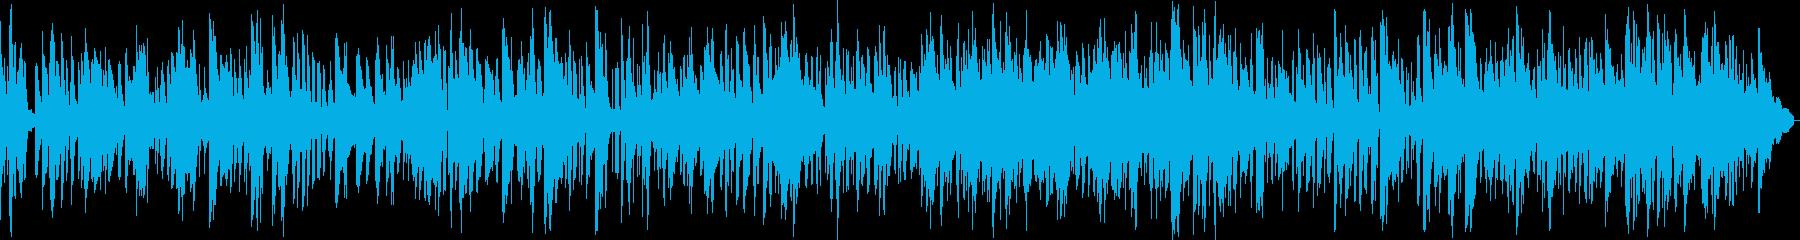 表情豊かなLightJazz ループ仕様の再生済みの波形